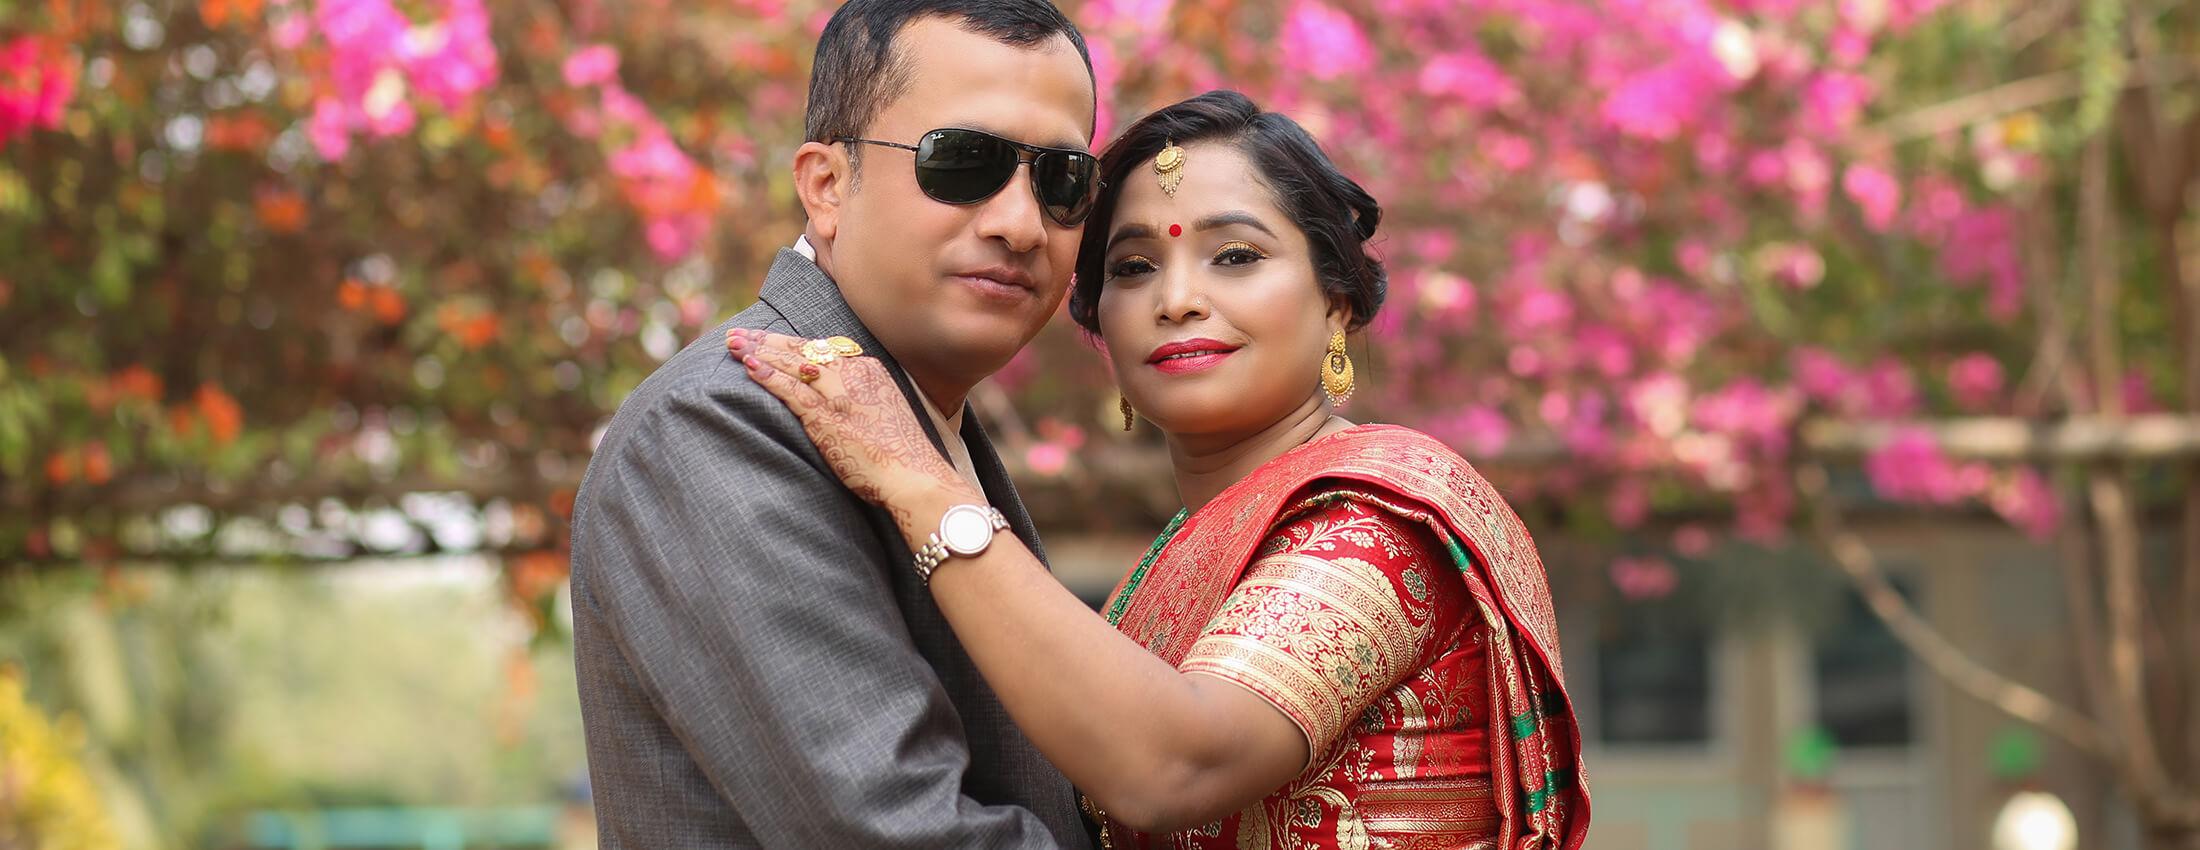 25th Anniversary Photoshoot - Imgstock, Biratnagar